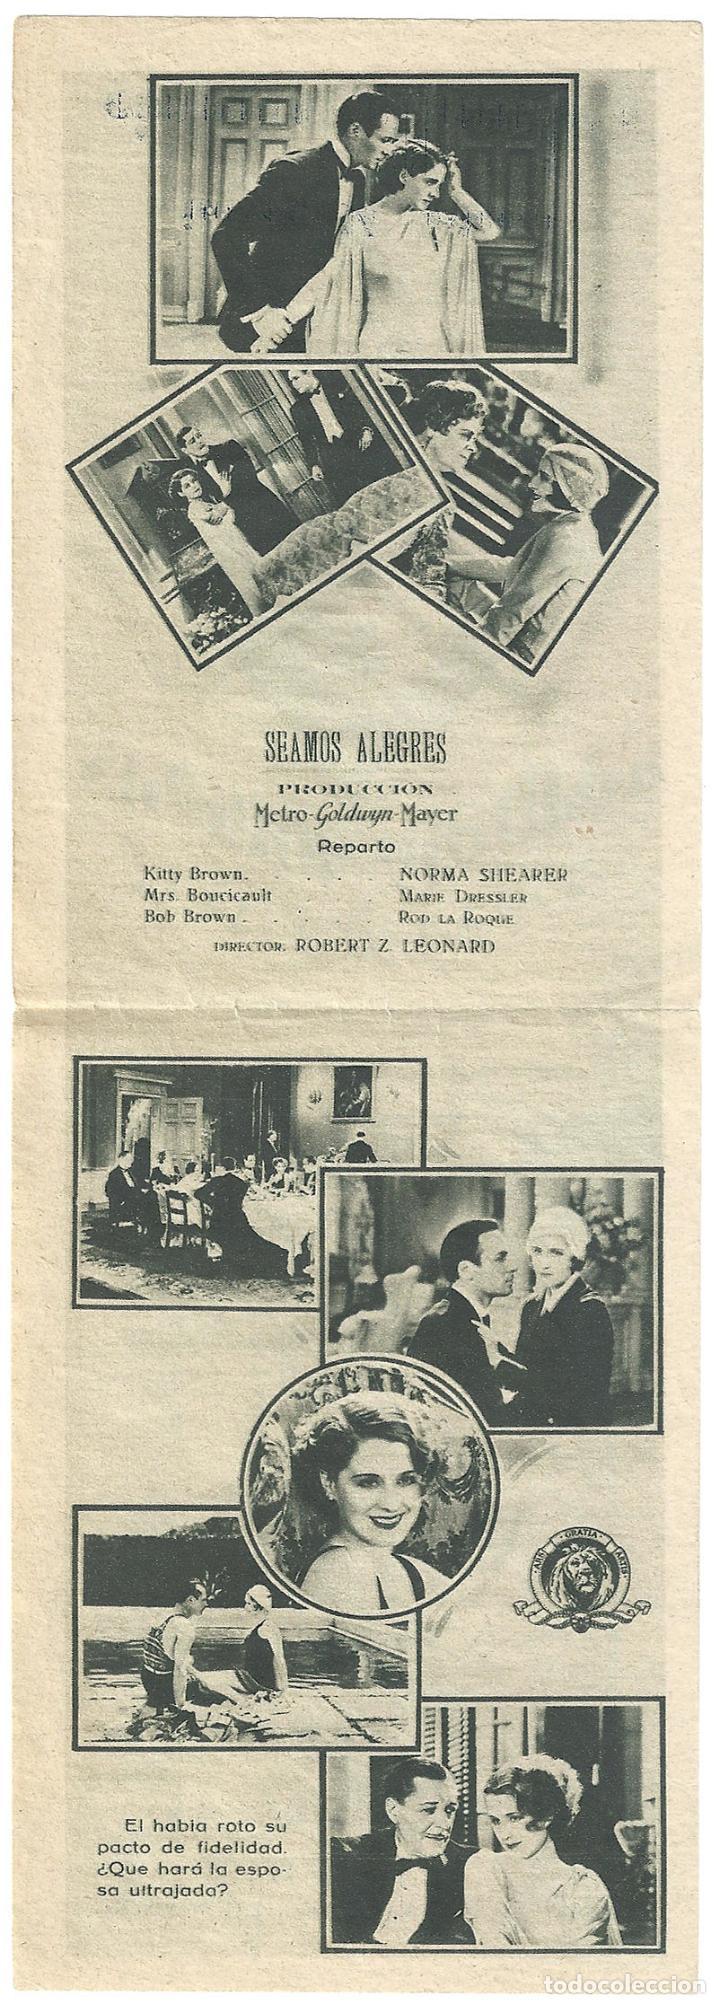 Cine: PTEB 006 SEAMOS ALEGRES PROGRAMA DOBLE CONCURSO ARTISTAS MGM NORMA SHEARER MARIE DRESSLER - Foto 2 - 132578650